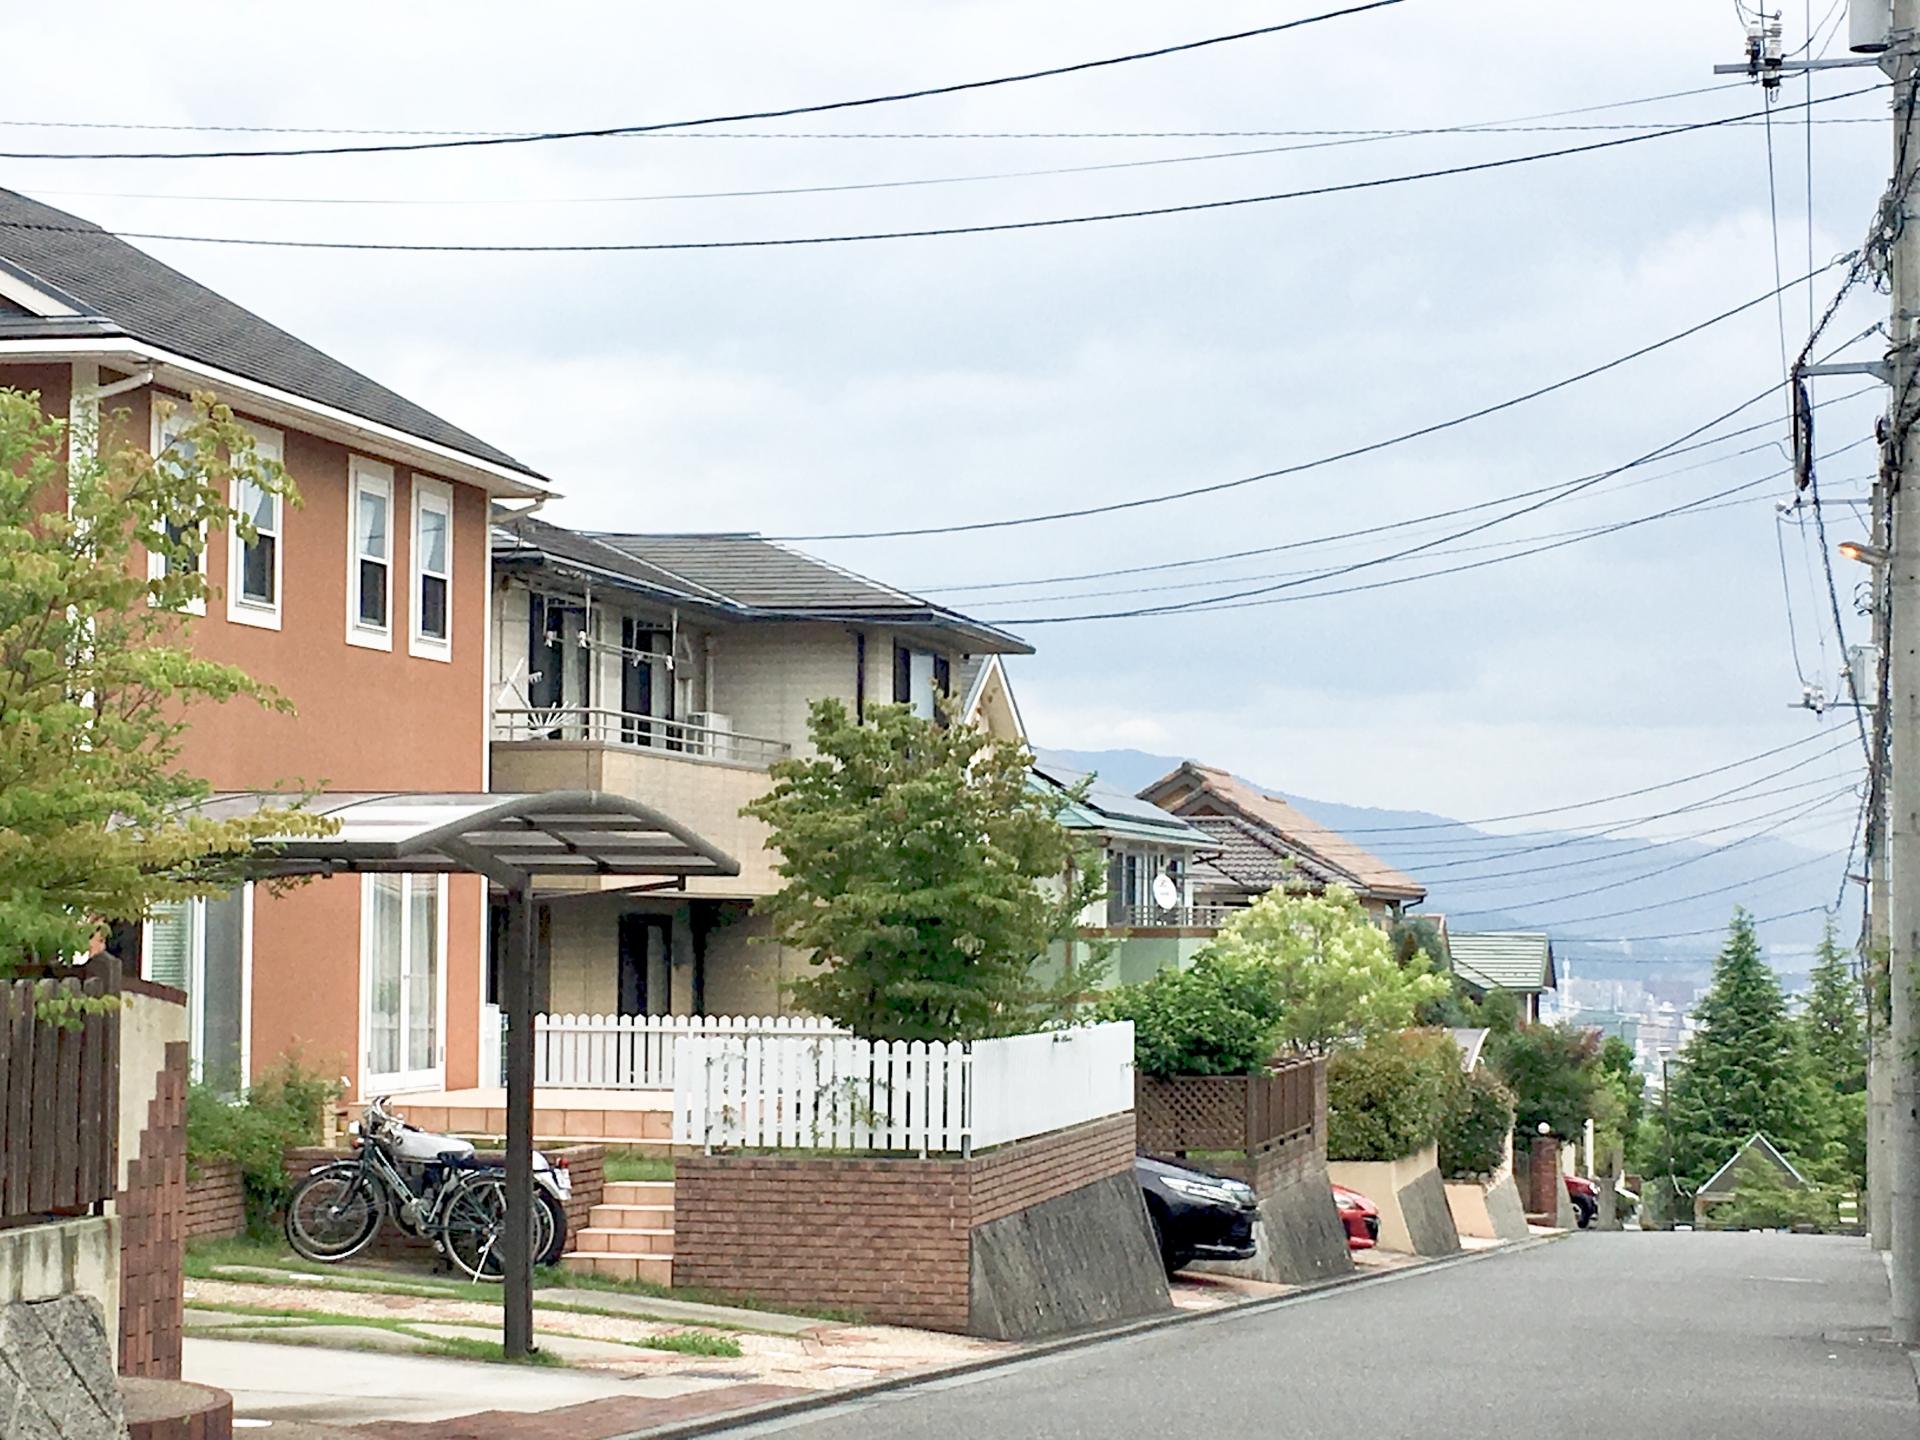 外壁塗装は地元の塗装専門店に依頼する?大手のハウスメーカーに依頼する?